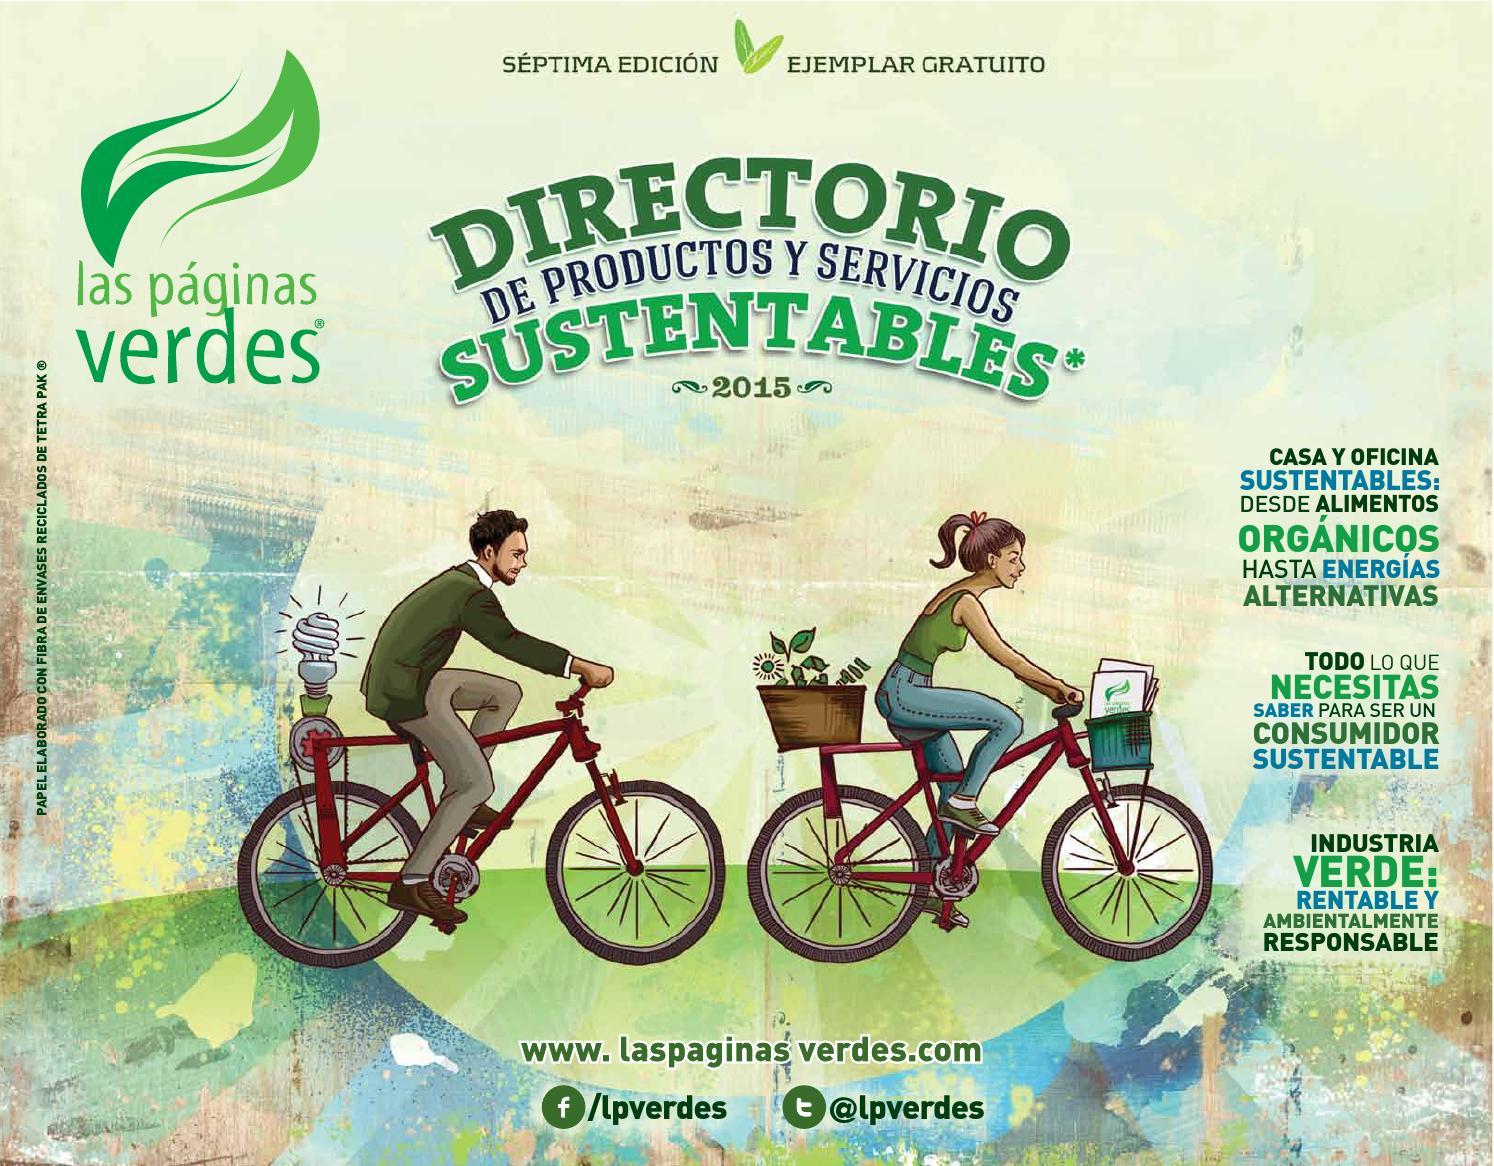 Especial de Construcción 2013 by Las Paginas Verdes - issuu